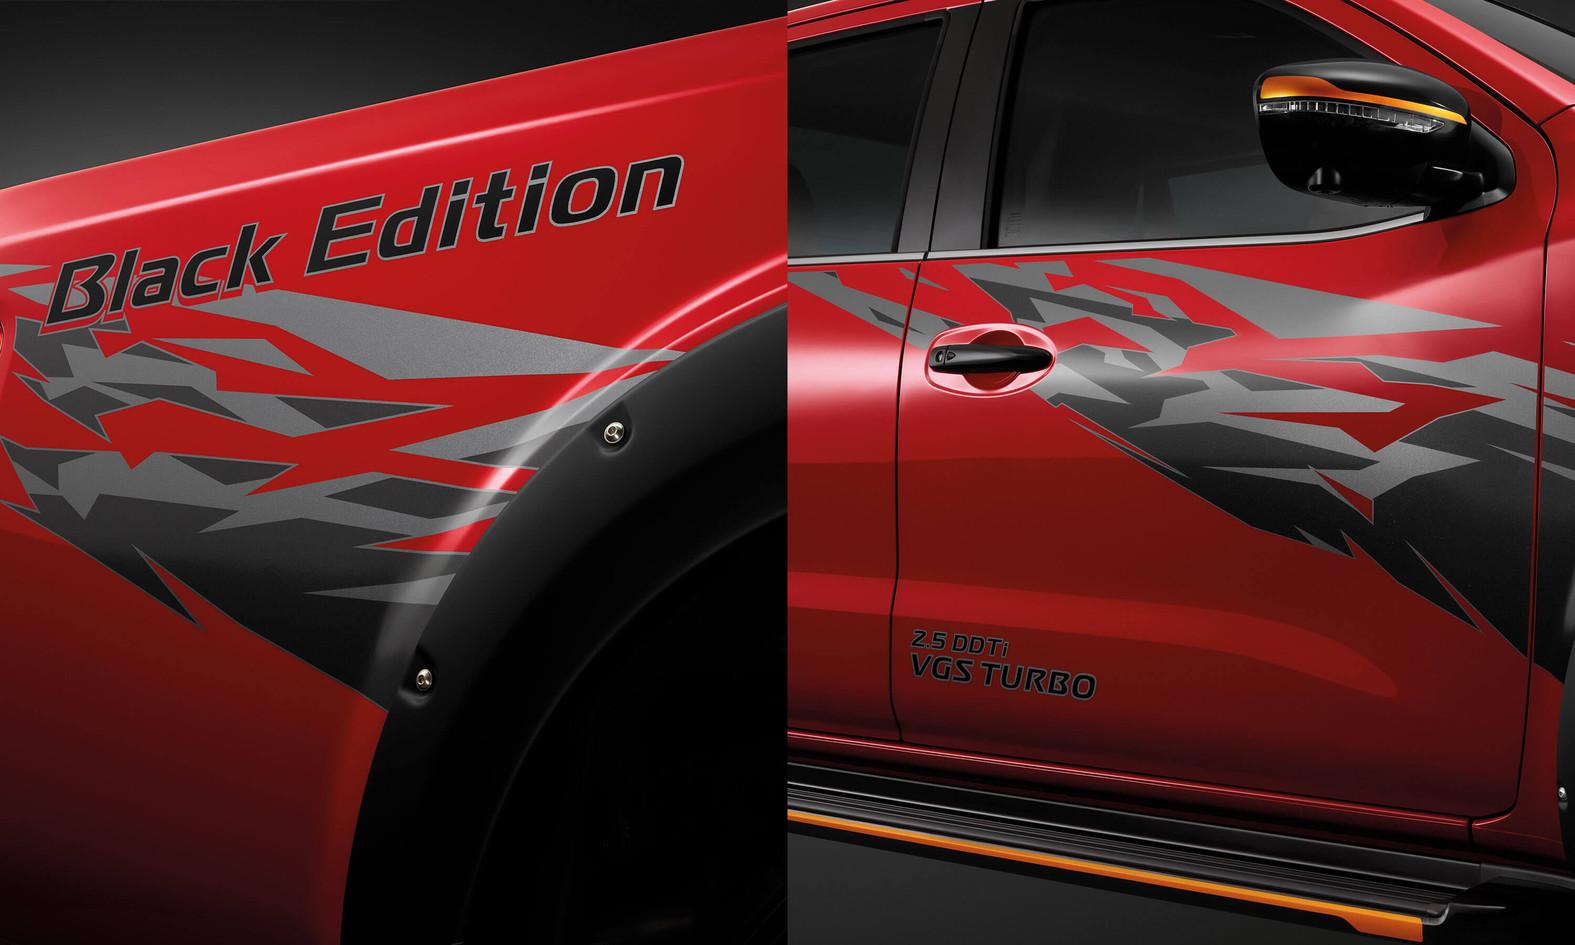 Nissan-Navara-DC-3000x1800-02-01.jpg